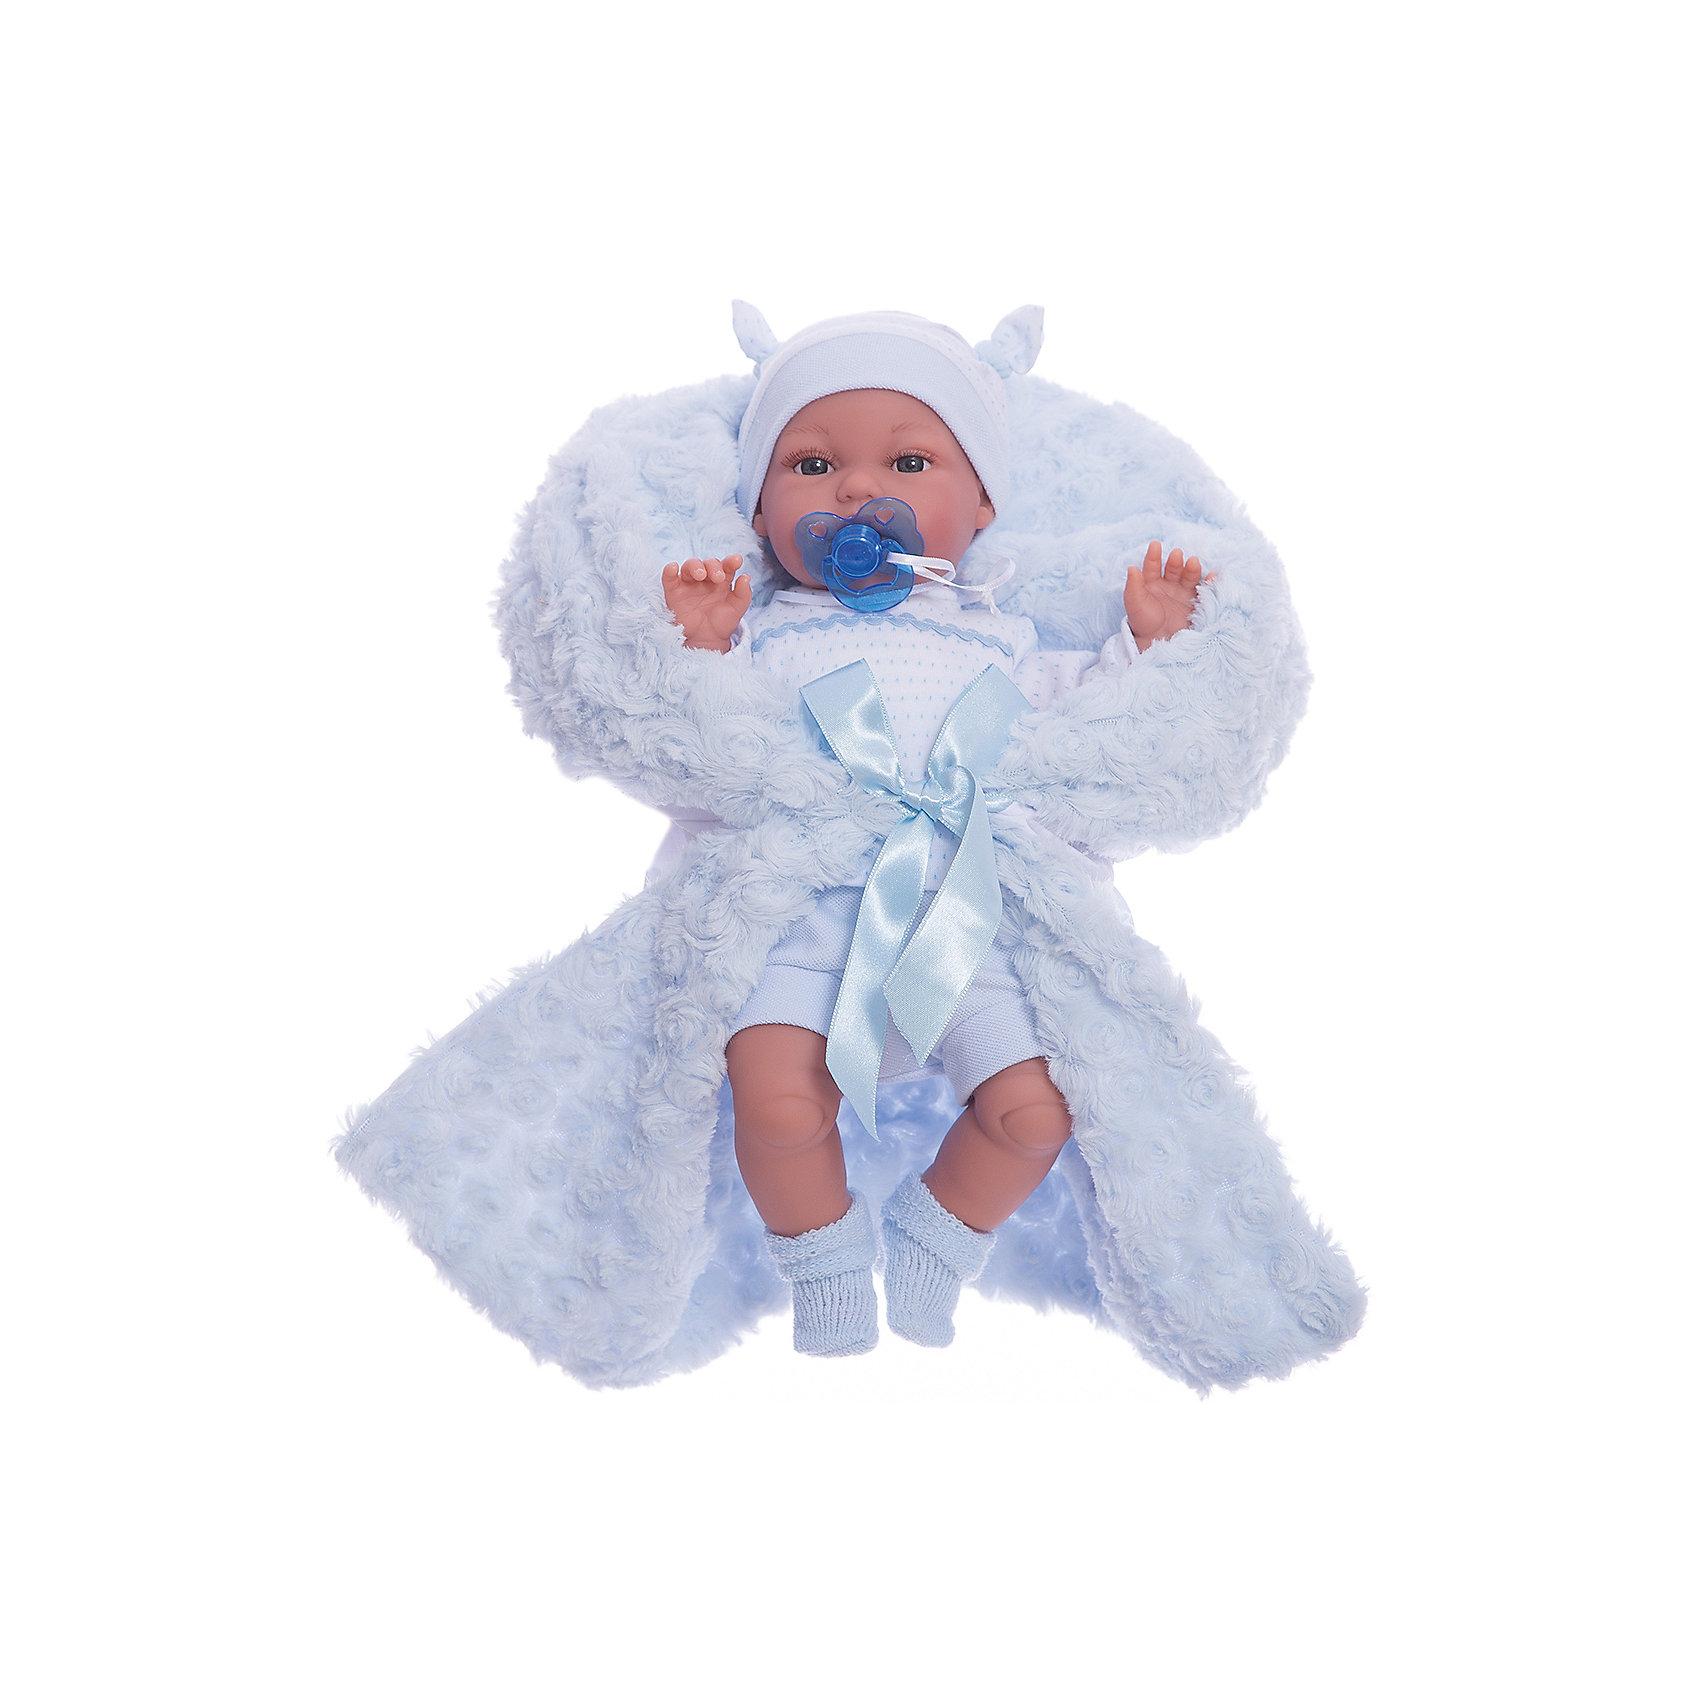 Кукла Бимбо в голубом,  37 см, Munecas Antonio JuanКукла Бимбо в голубом,  37 см, JUAN ANTONIO munecas (ХУАН АНТОНИО мунекас) – это качественные игрушки из Испании, популярные во всем мире.<br>Кукла Бимбо – это чудесный малыш, Вы влюбитесь в него с первого взгляда, стоит лишь посмотреть в его голубые глазки. Бимбо одет в теплый комбинезон, вязаную кофточку с помпончиками, вязаную шапочку с ушками и теплые носочки. «Маленькая мама» без опаски может брать малыша на прогулку. О Бимбо надо заботиться, потому что она плачет, если ей вовремя не дать соску. Тельце у куклы мягко-набивное, голова, ручки и ножки сделаны из мягкого качественного винила. Ручки и ножки подвижны. Образы малышей Мунекас разработаны известными европейскими дизайнерами. Они натуралистичны, анатомически точно копируют настоящих младенцев. Макеты кукол слеплены вручную, поэтому у каждой из моделей индивидуальные черты лица, которые вместе с нарядом и аксессуарами составляют уникальный и неповторимый образ.<br><br>Дополнительная информация:<br><br>- В комплекте: кукла, соска<br>- Интерактивные функции куклы: выньте соску - кукла заплачет, вставьте соску в ротик - кукла замолчит<br>- Глаза куклы не закрываются<br>- Высоты куклы: 37 см.<br>- Работает от 3-х батареек LR44 (таблетки) (батарейки входят в комплект)<br>- После покупки игрушки перед игрой куклу необходимо активировать, вынув защитную полоску из механизма с батарейками<br><br>Куклу Бимбо в голубом,  37 см, JUAN ANTONIO munecas (ХУАН АНТОНИО мунекас) можно купить в нашем интернет-магазине.<br><br>Ширина мм: 240<br>Глубина мм: 115<br>Высота мм: 440<br>Вес г: 1067<br>Возраст от месяцев: 36<br>Возраст до месяцев: 72<br>Пол: Женский<br>Возраст: Детский<br>SKU: 3763695